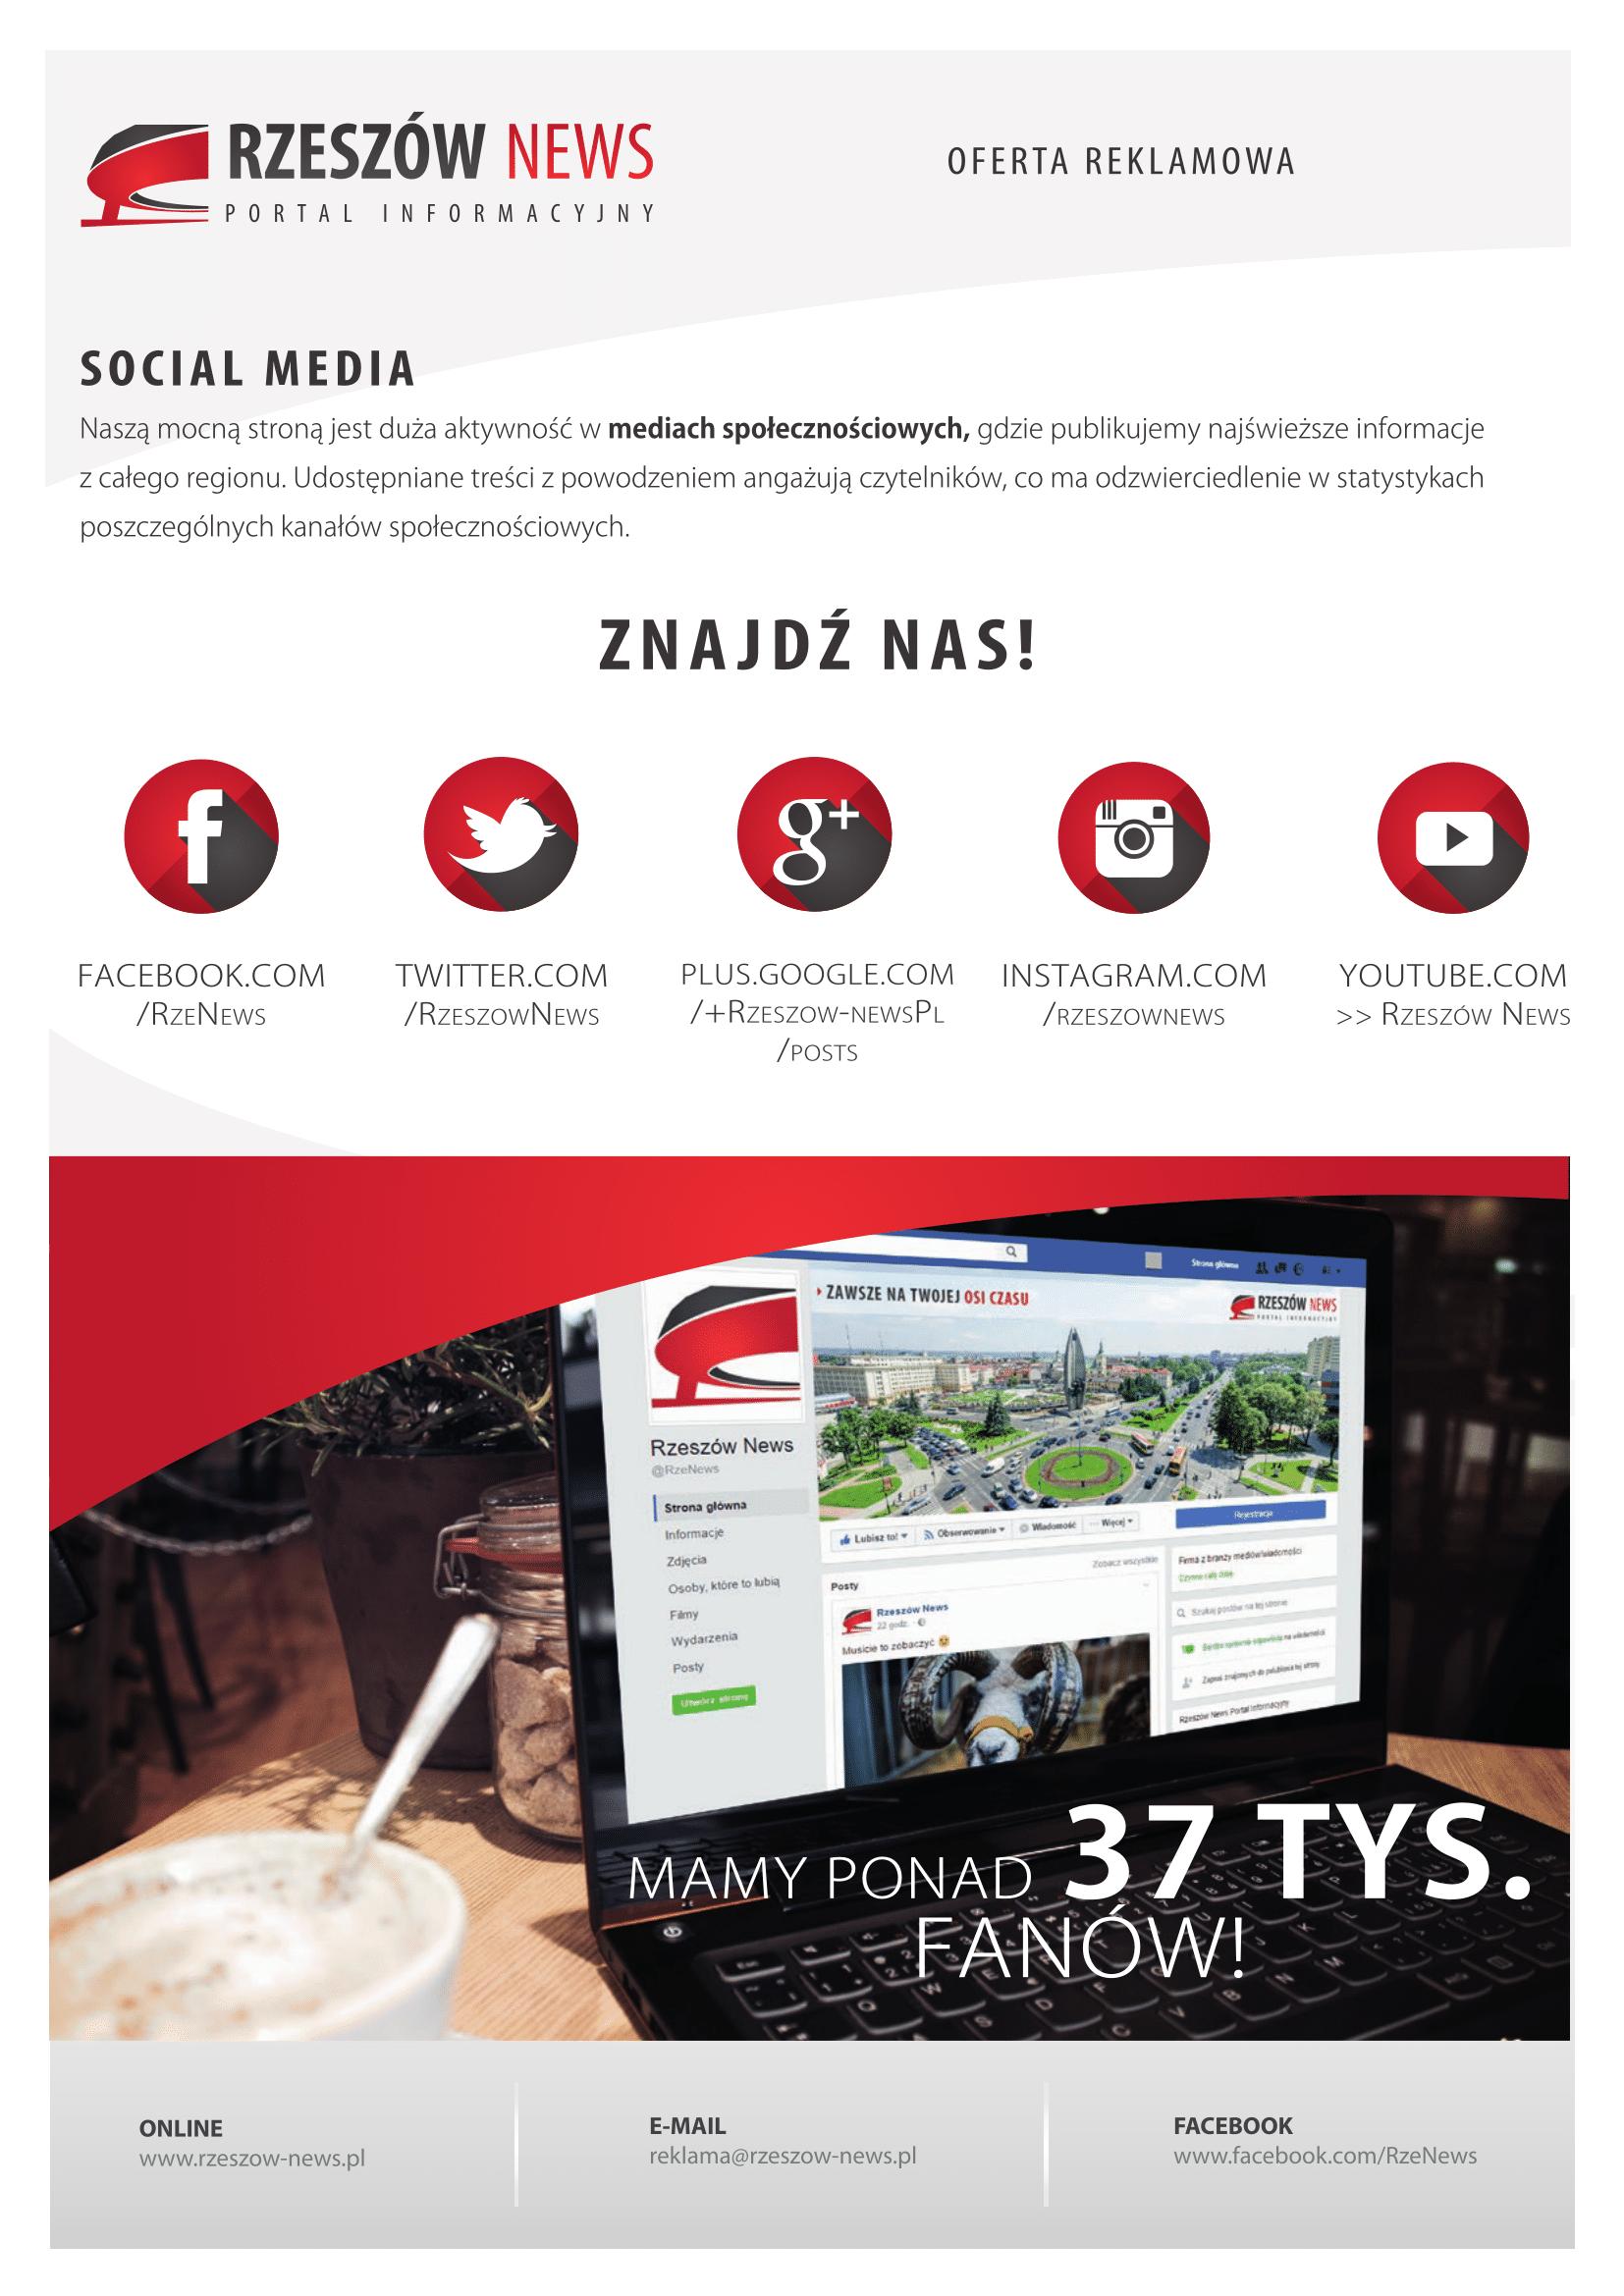 rzeszow-news-oferta-reklamowa-kopia-03